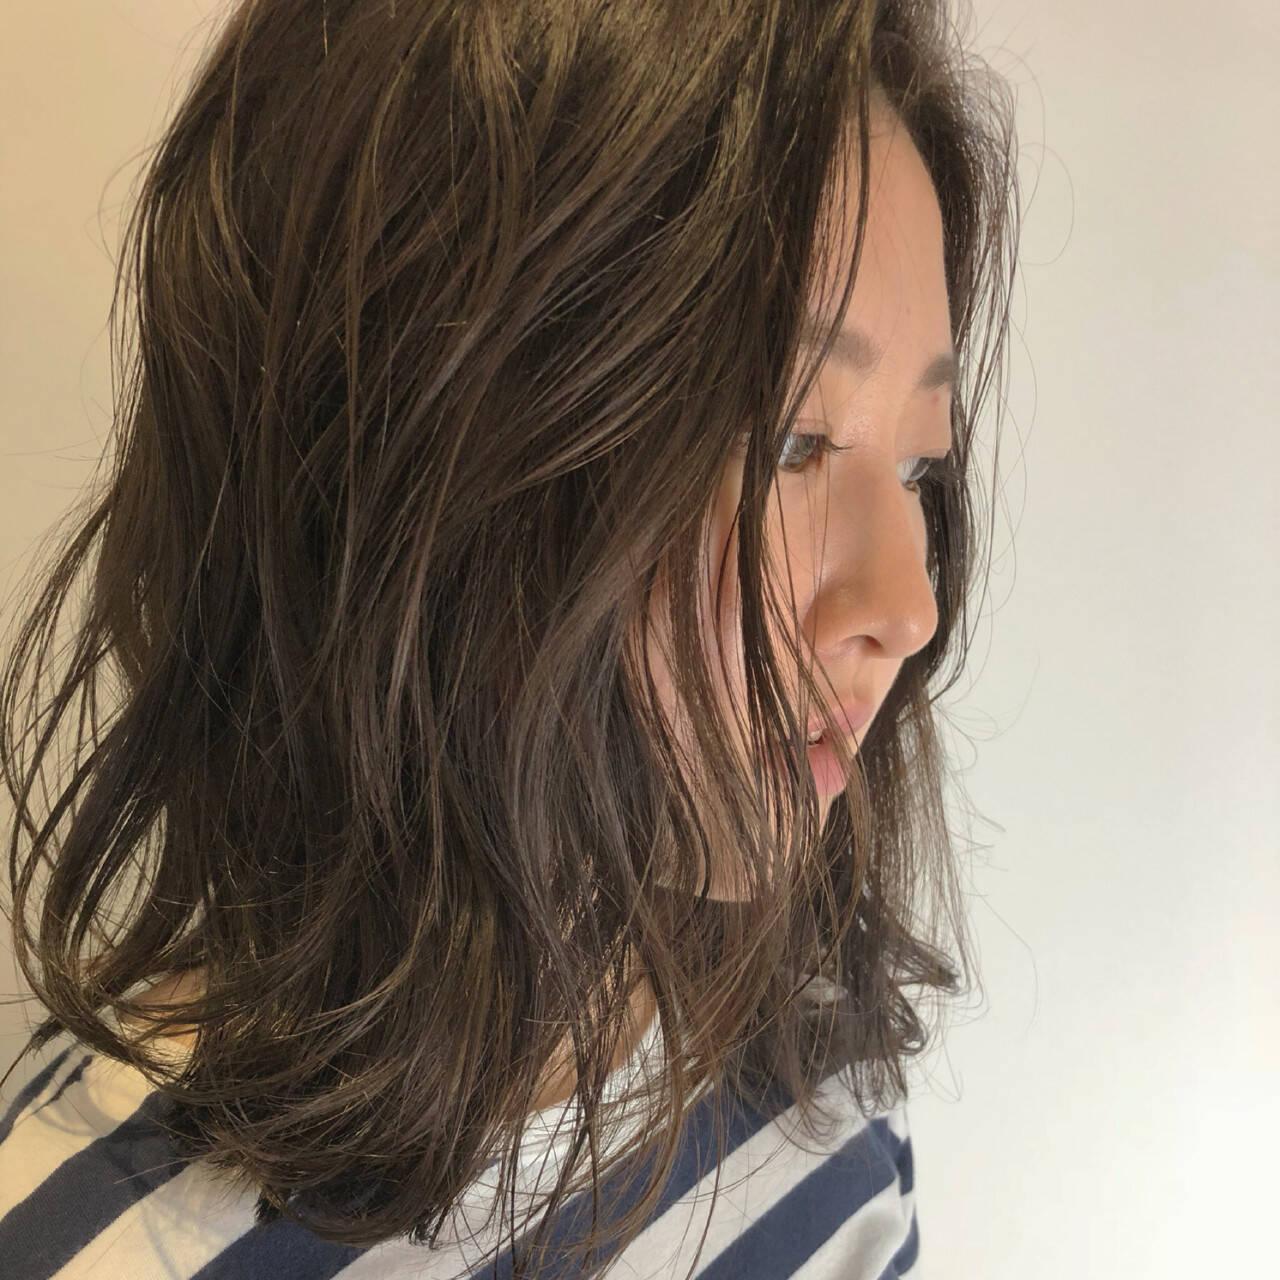 ナチュラル ミディアム ヘアアレンジ ボブヘアスタイルや髪型の写真・画像